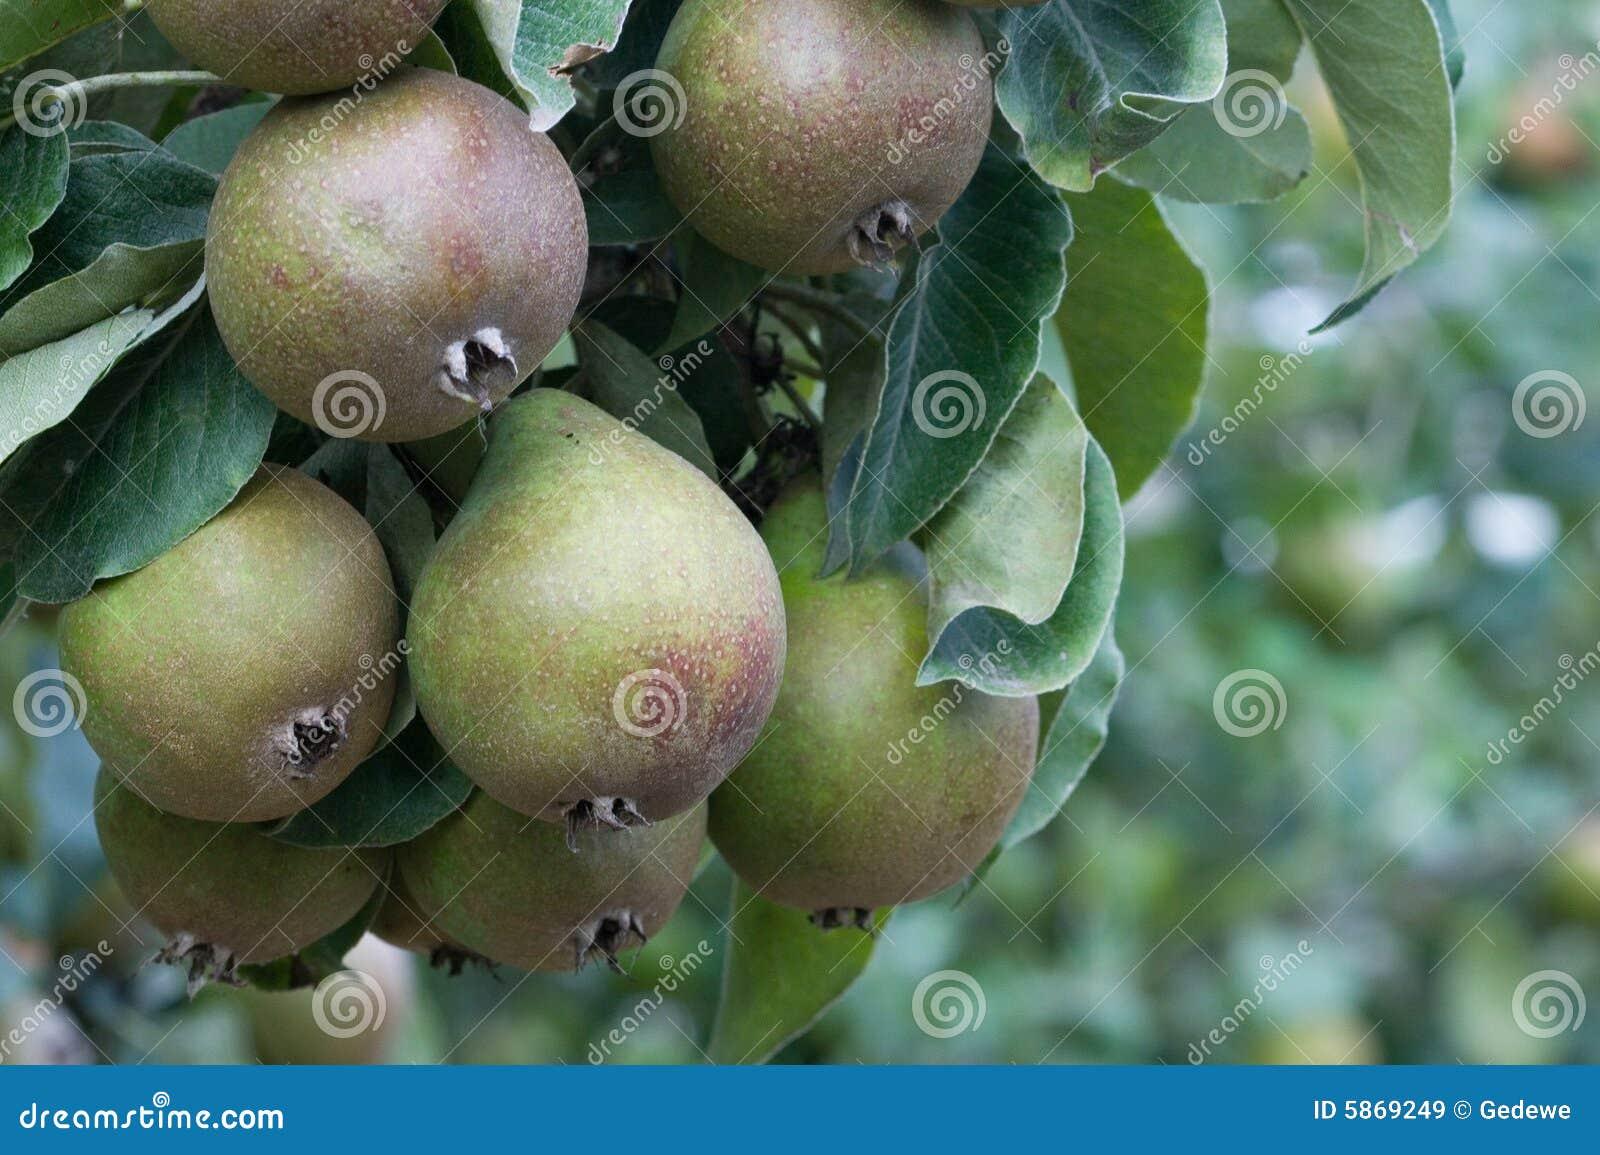 Pearsseckel